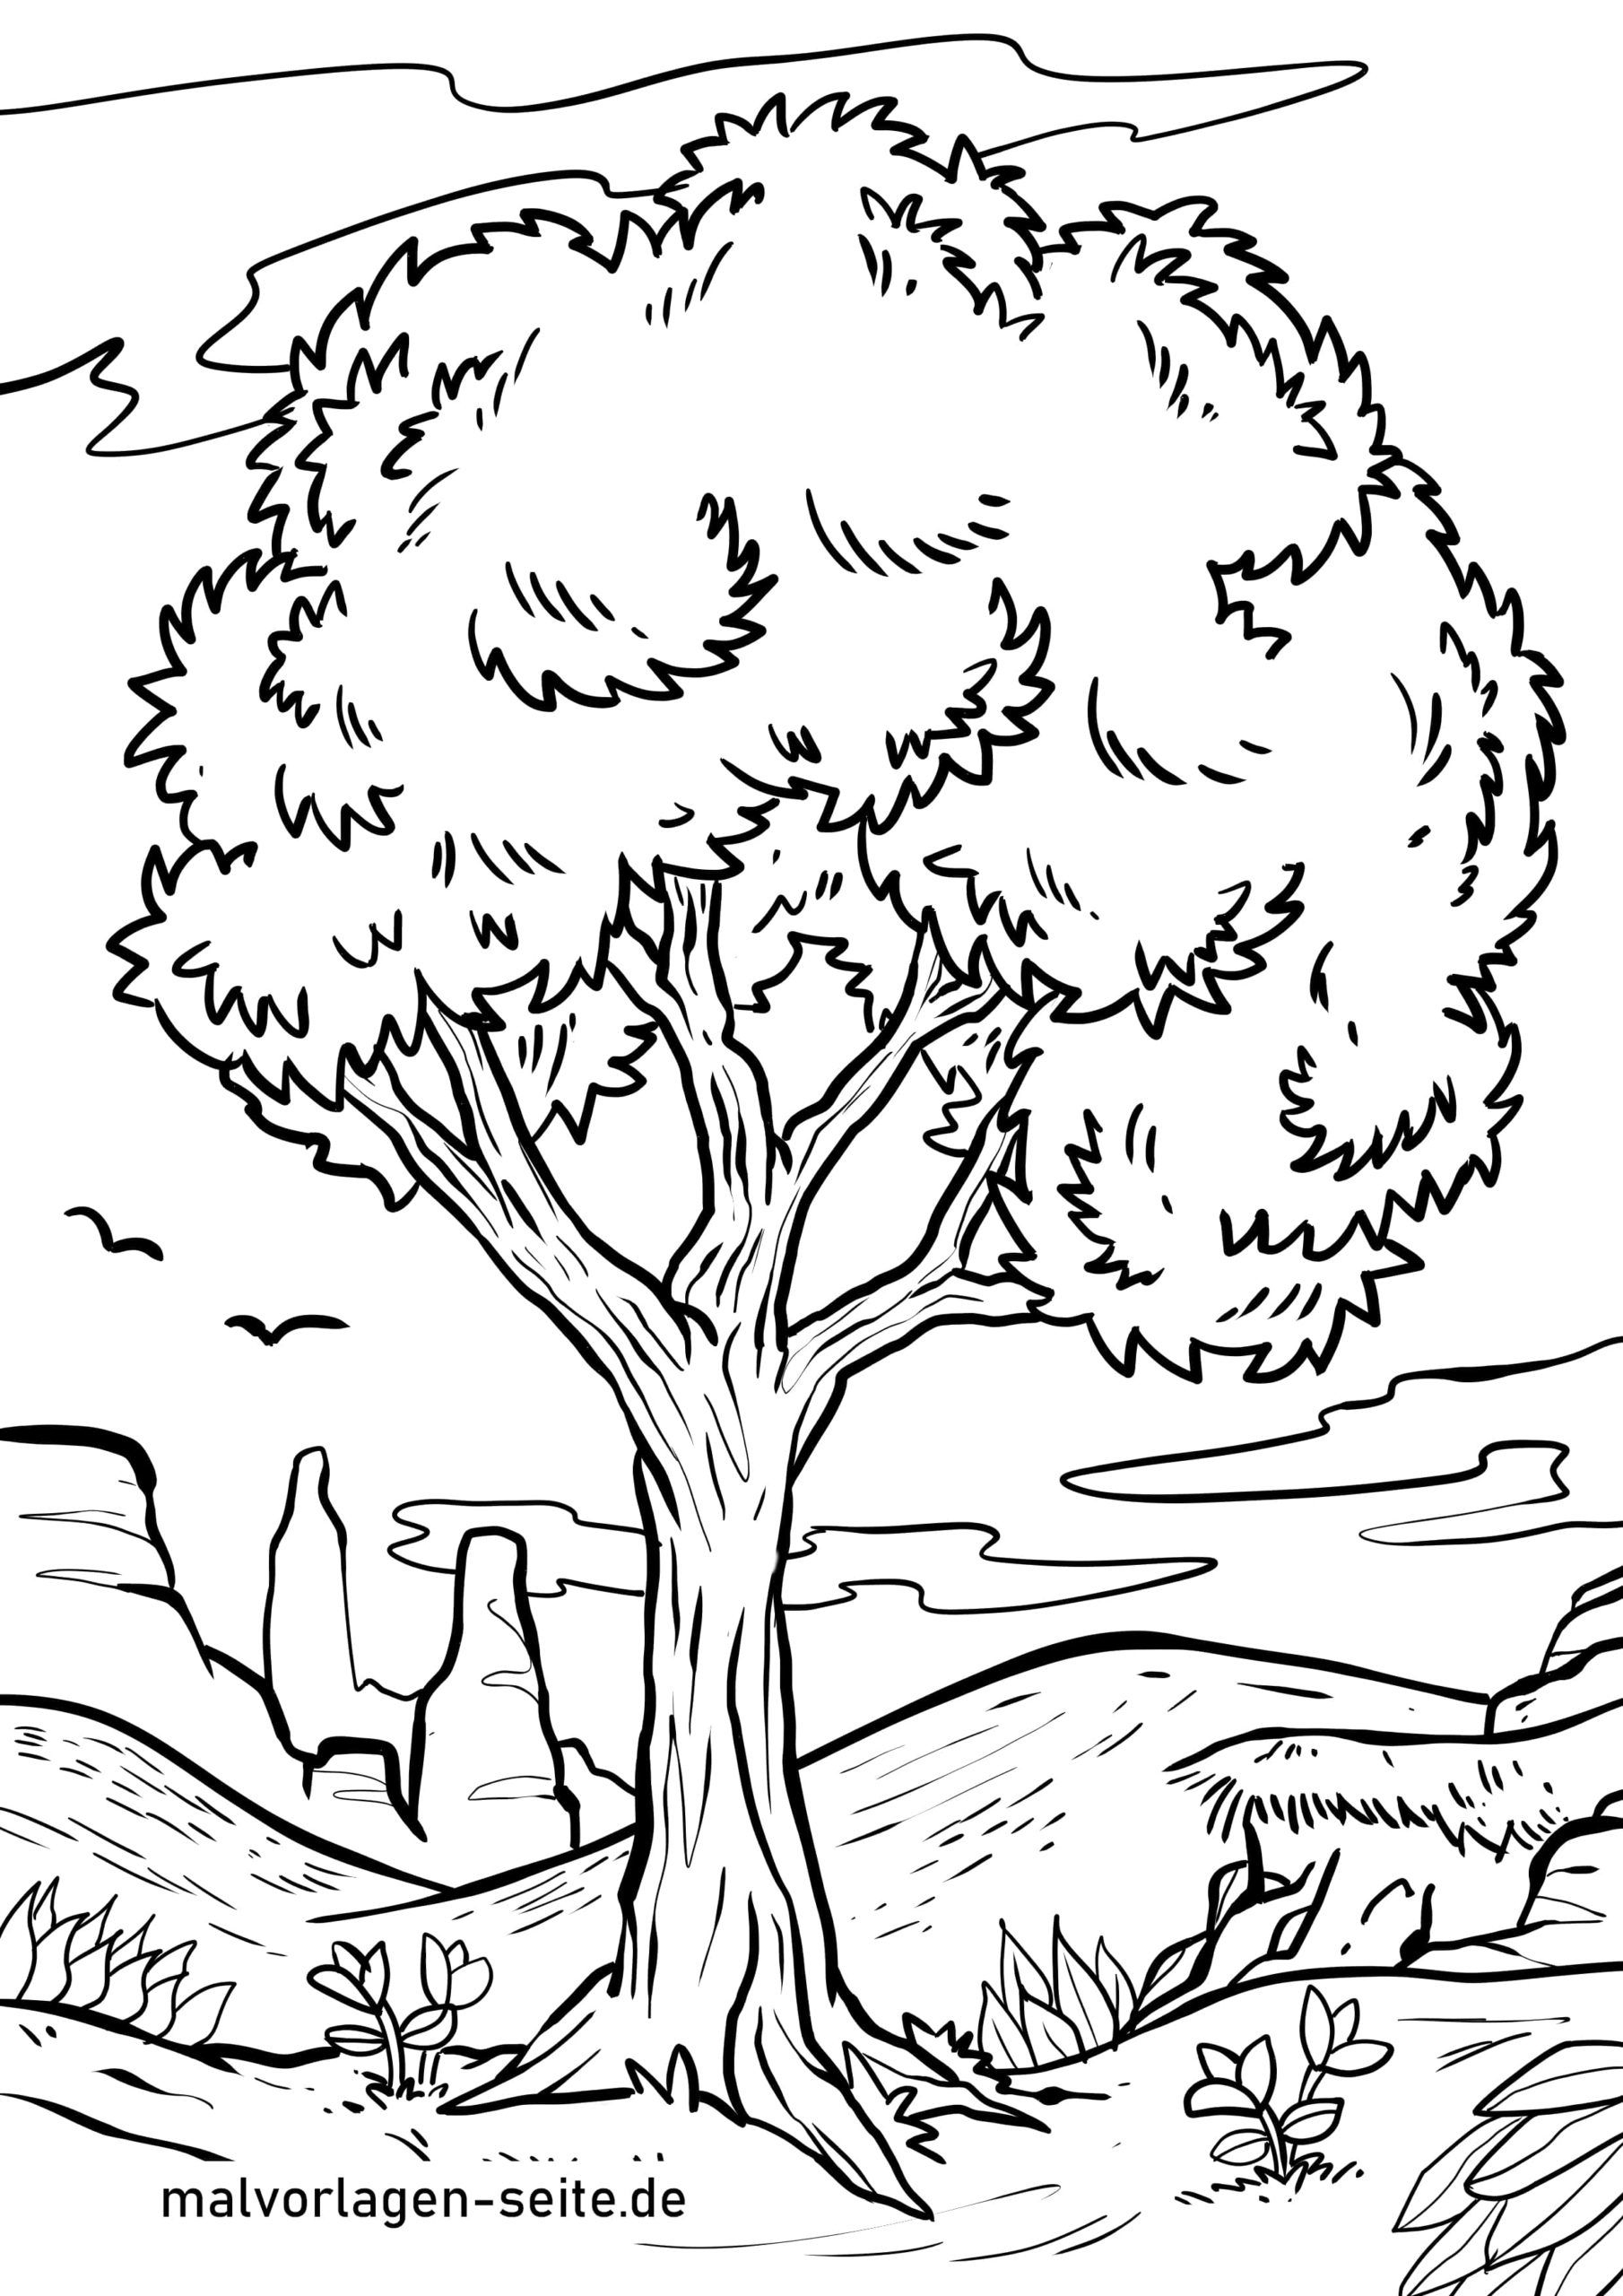 Malvorlage Baum - Ausmalbilder Kostenlos Herunterladen über Malvorlagen Baum